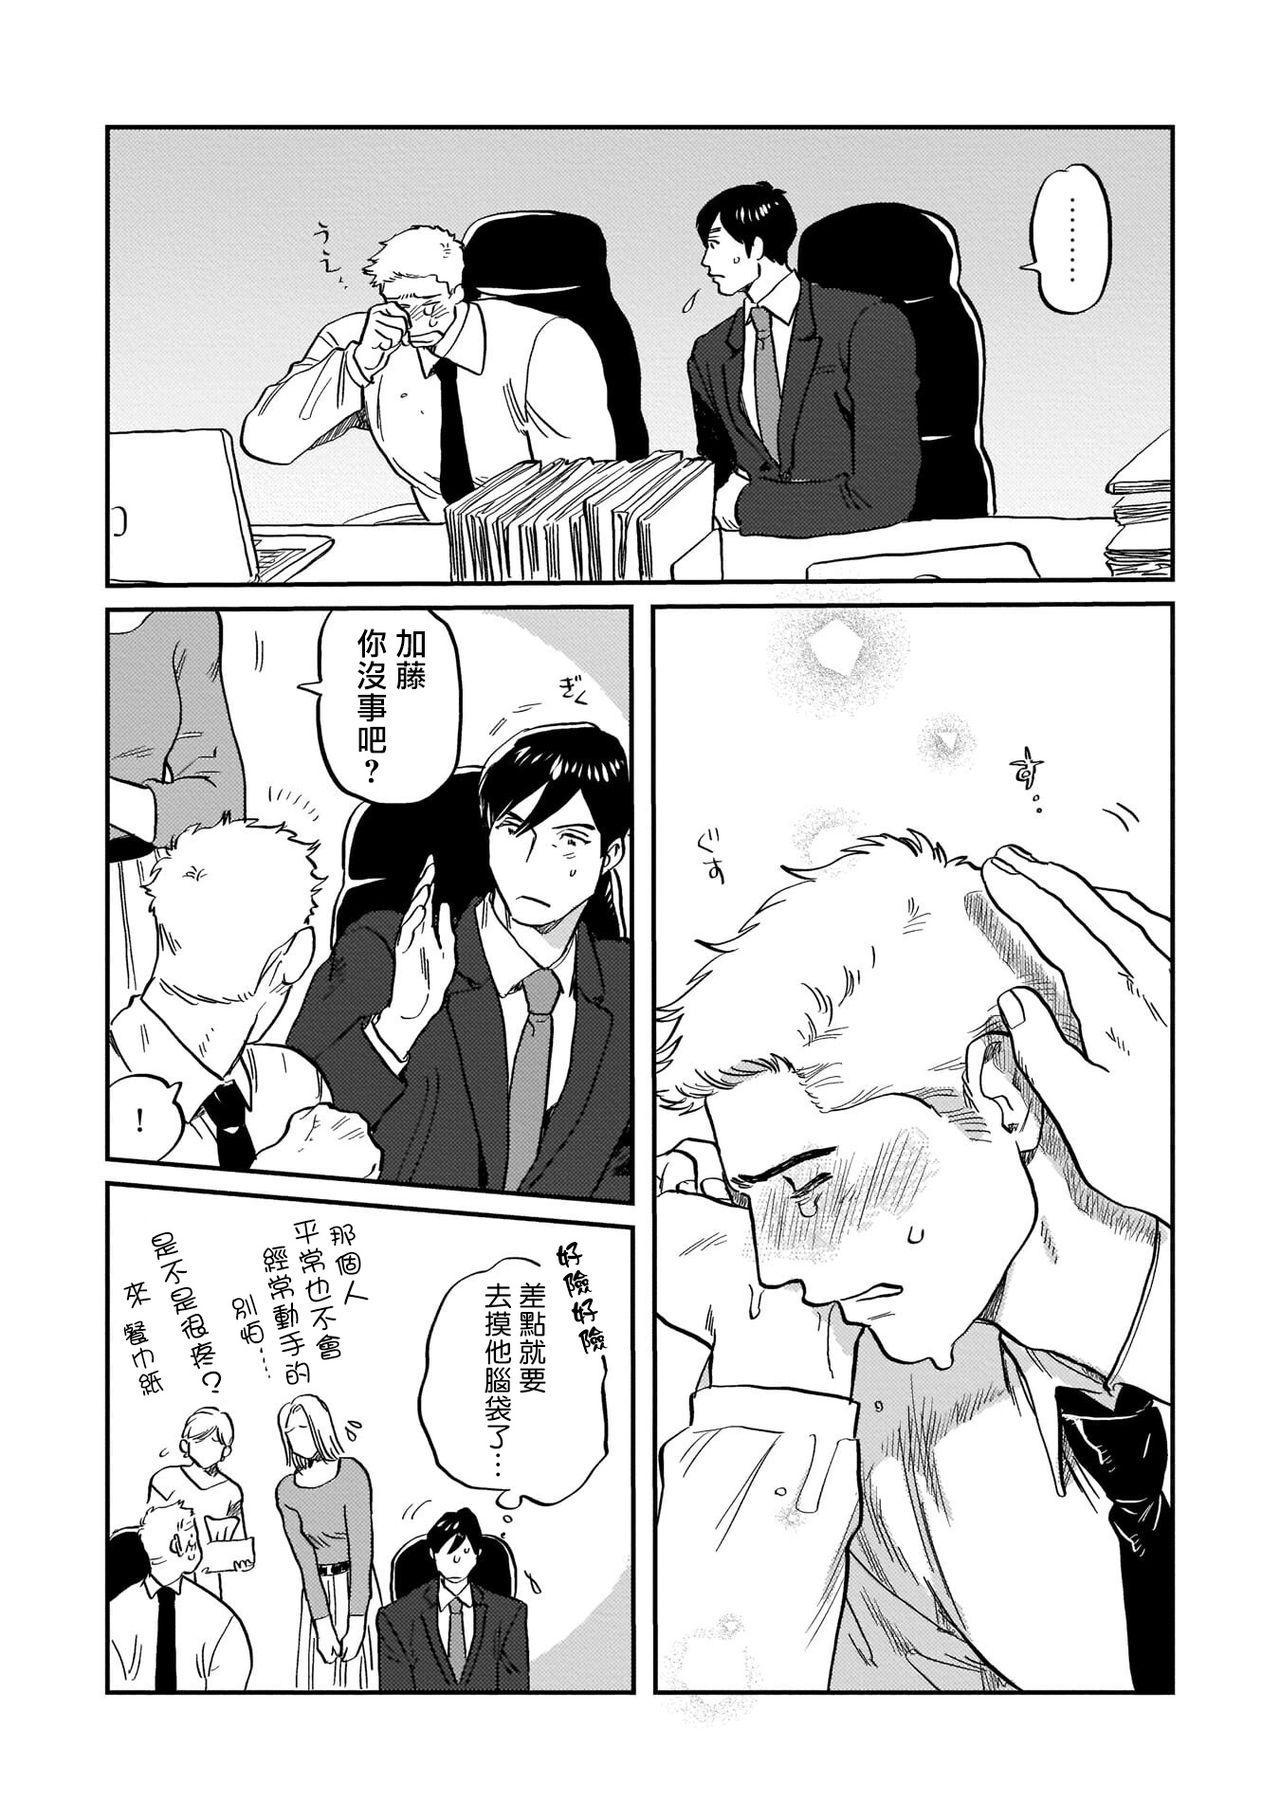 Kouhai no Oppai ga Suki Sugiru | 我太喜欢后辈的奶子了 Ch. 1-2 39